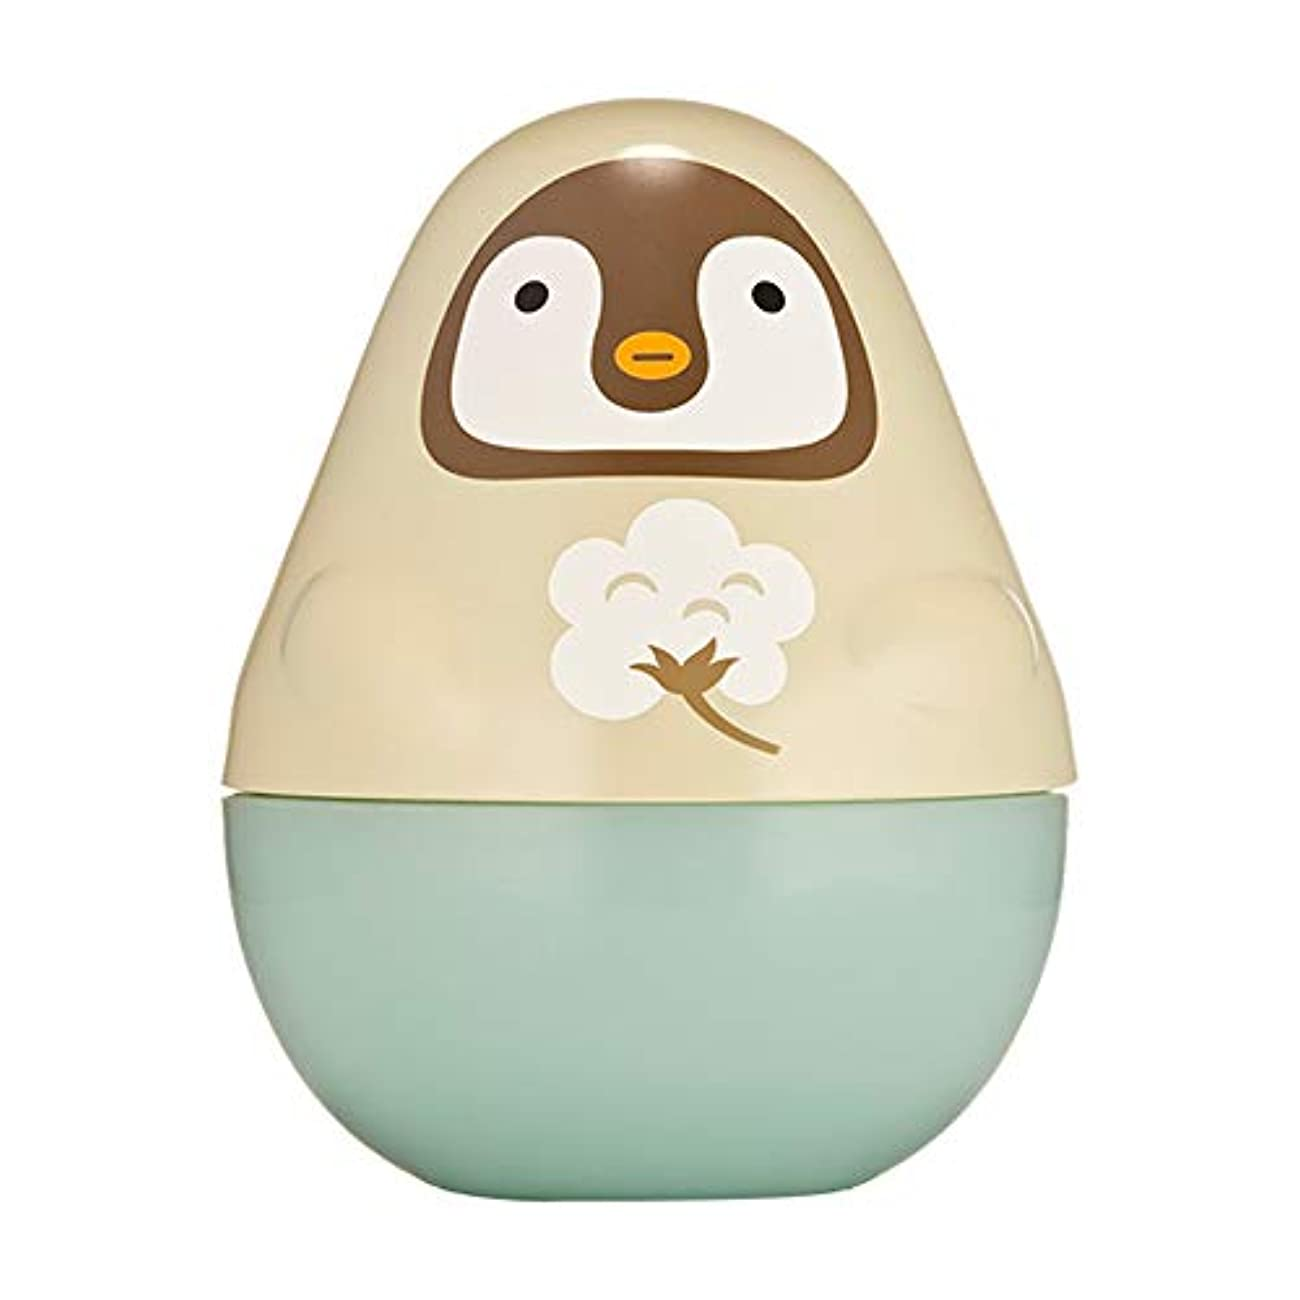 パトワバーベキューなのでエチュードハウス(ETUDE HOUSE) ミッシングユー ハンドクリーム ペンギン(ベビーパウダーの香り)